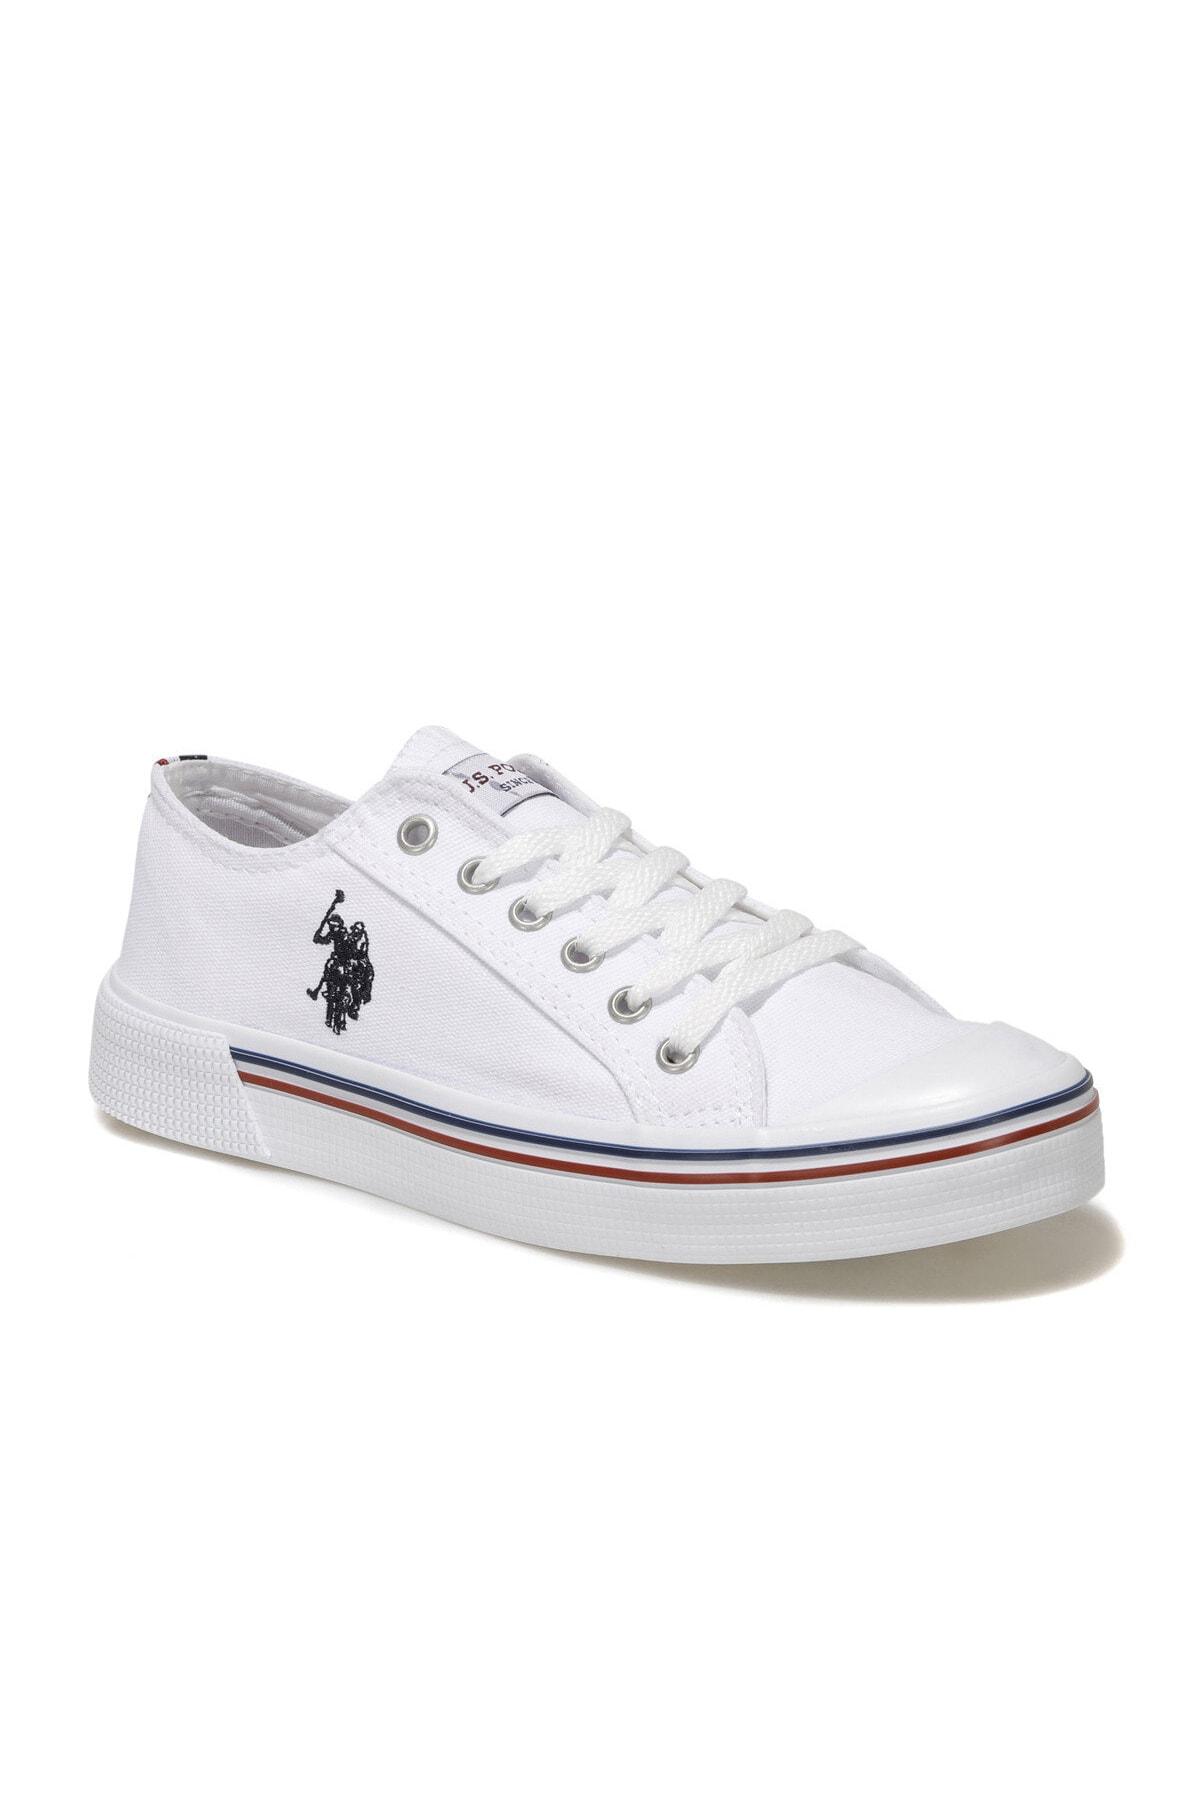 U.S. Polo Assn. Kadın Beyaz Penelope 1fx Ayakkabı U.s.polo Assn. 101013407 1